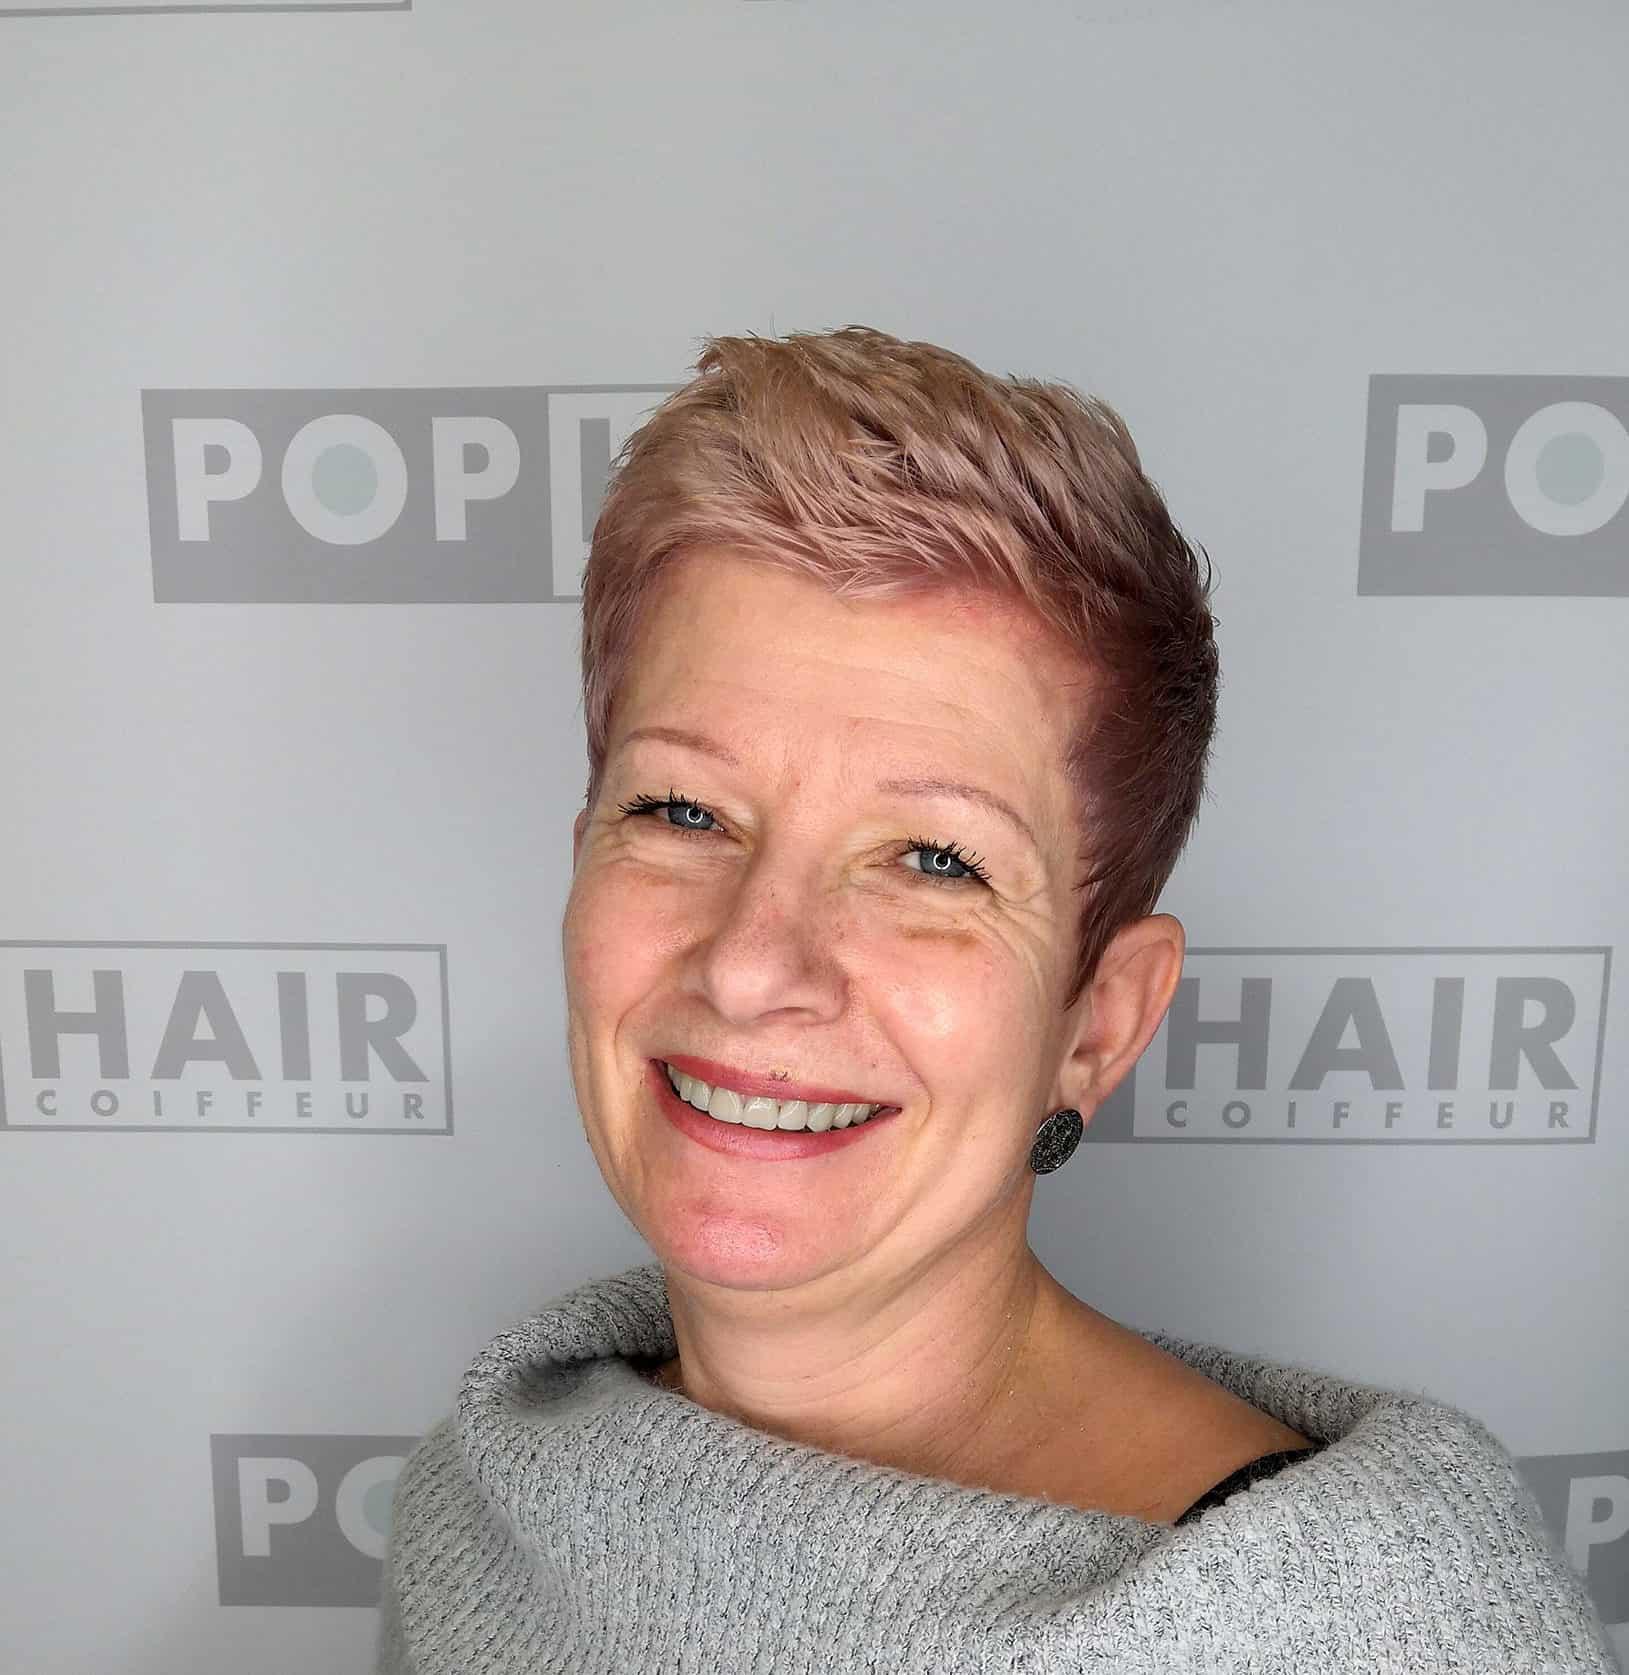 सिल्विया-खुश-के-बारे-उसके-नए-बाल-रंग-1-e1551432167380